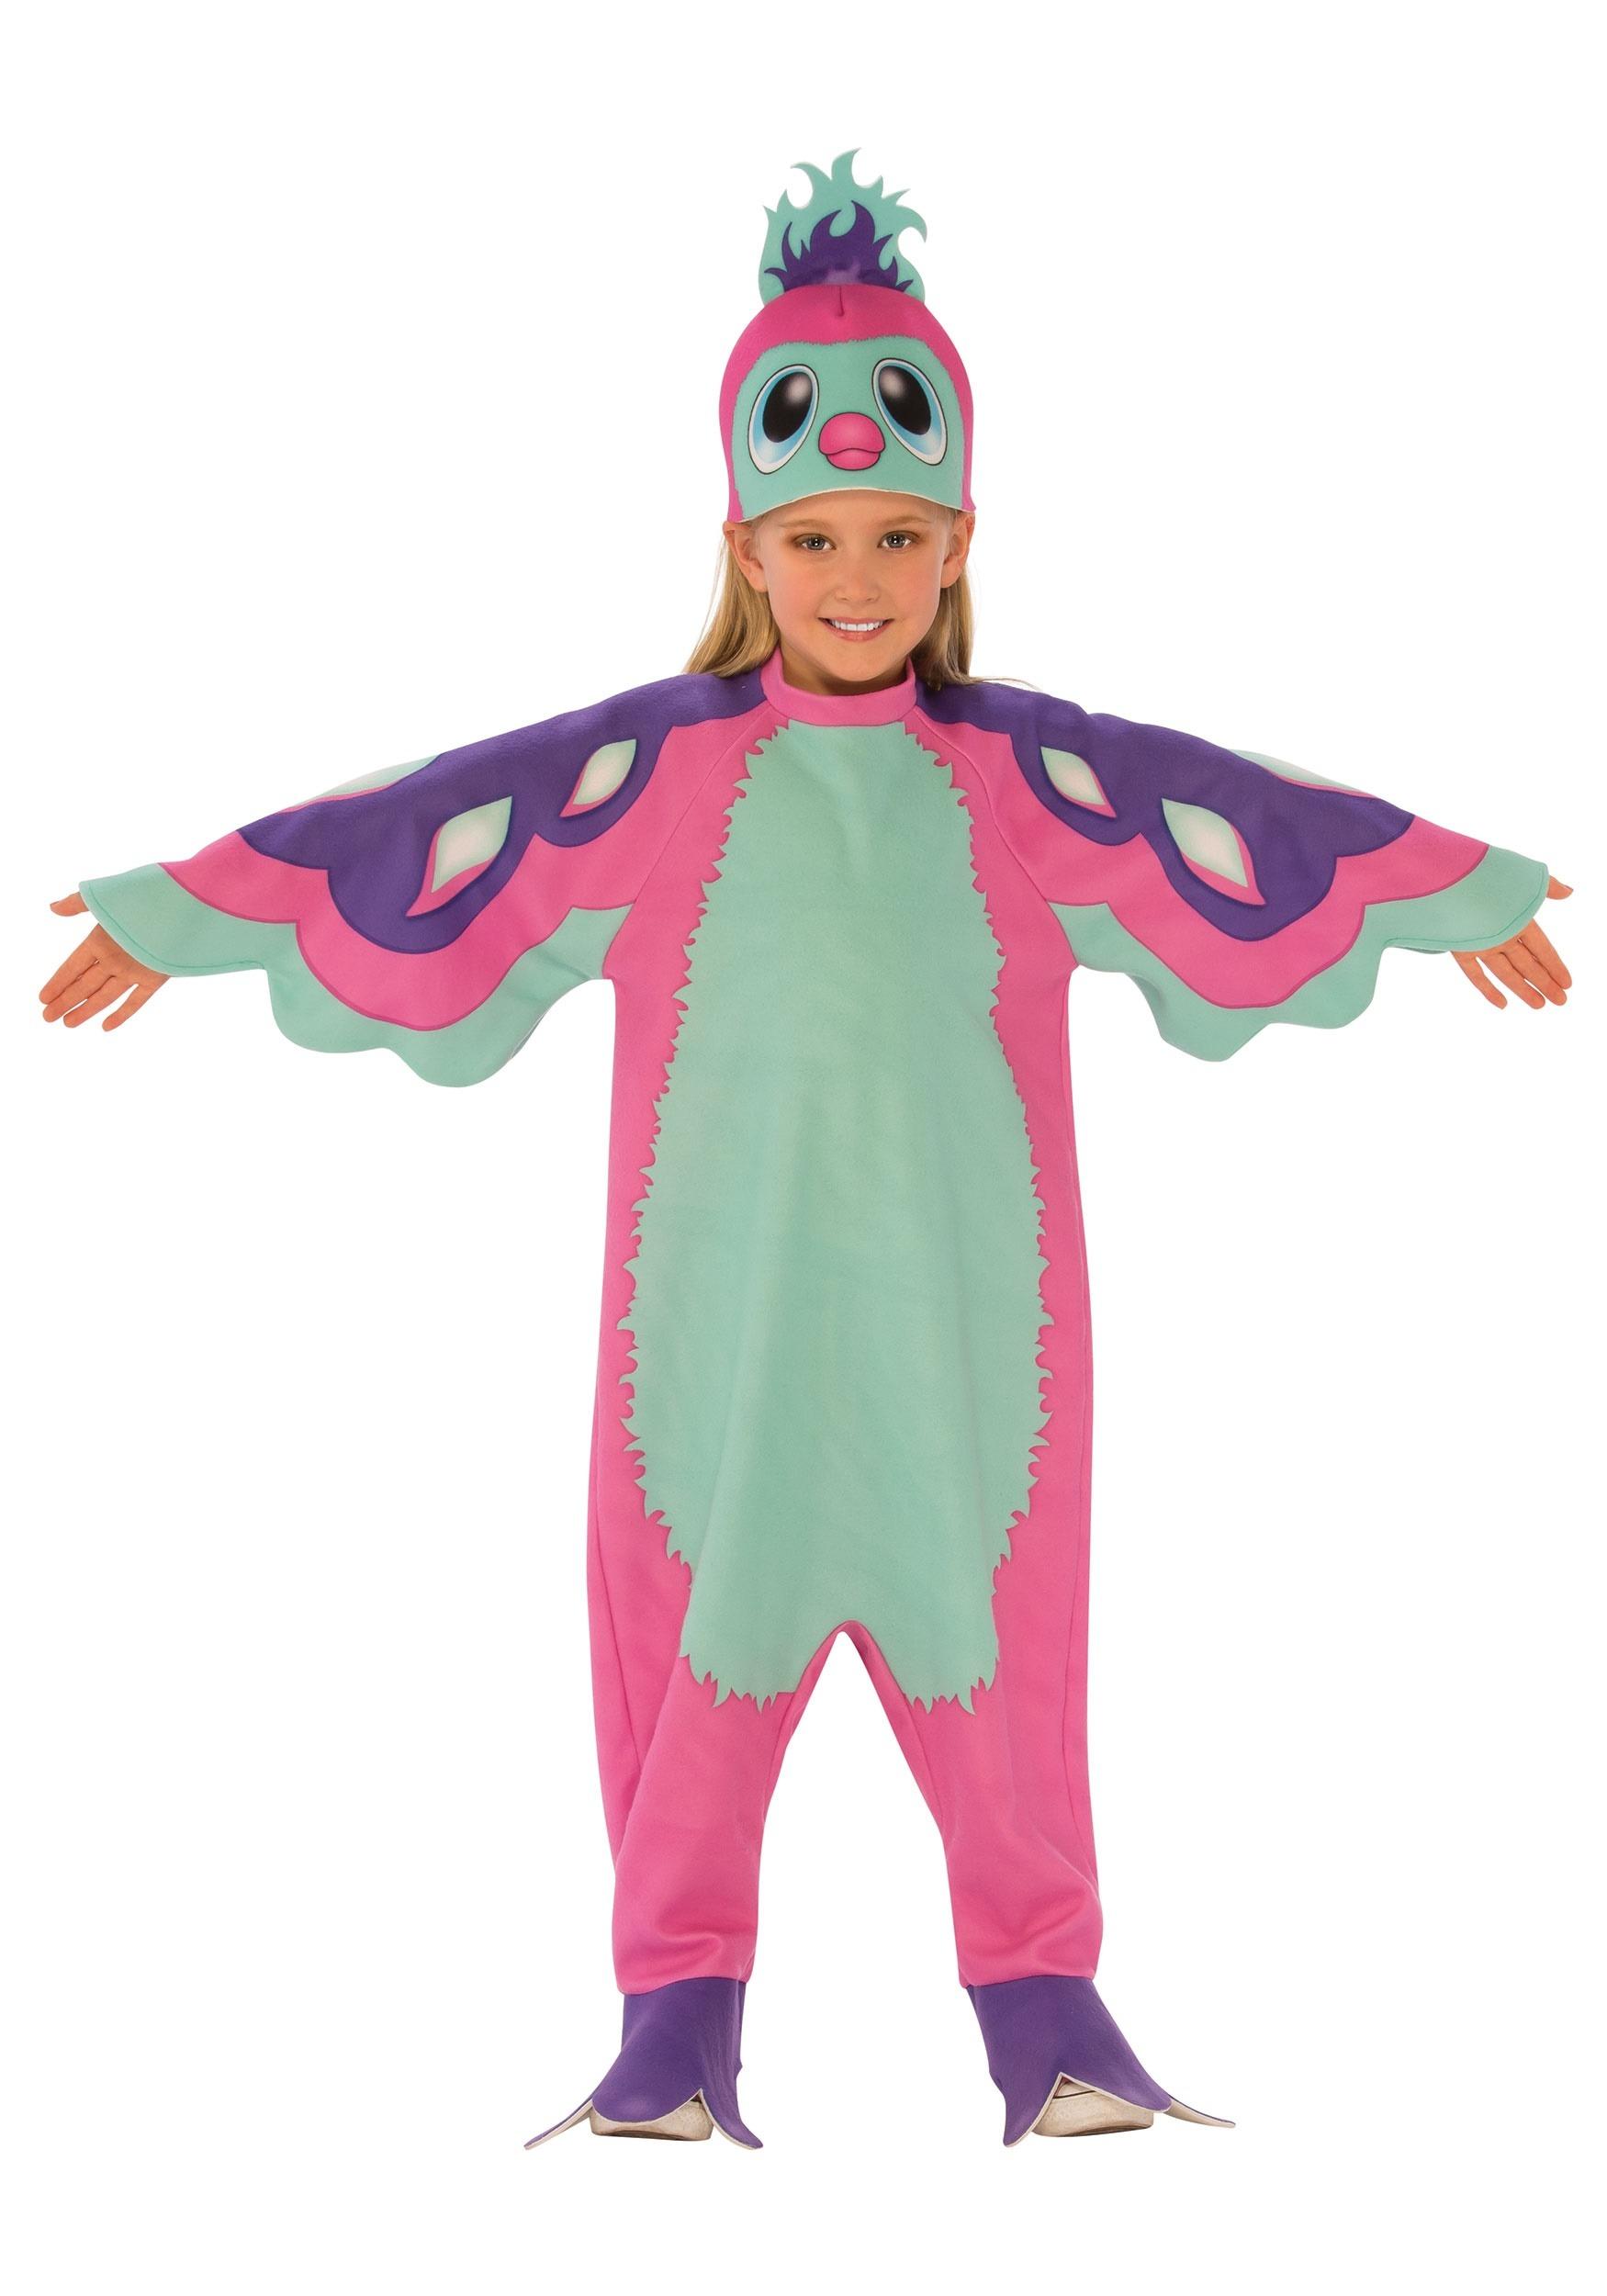 Toddler Hatchimals Pengualas Costume RU640399